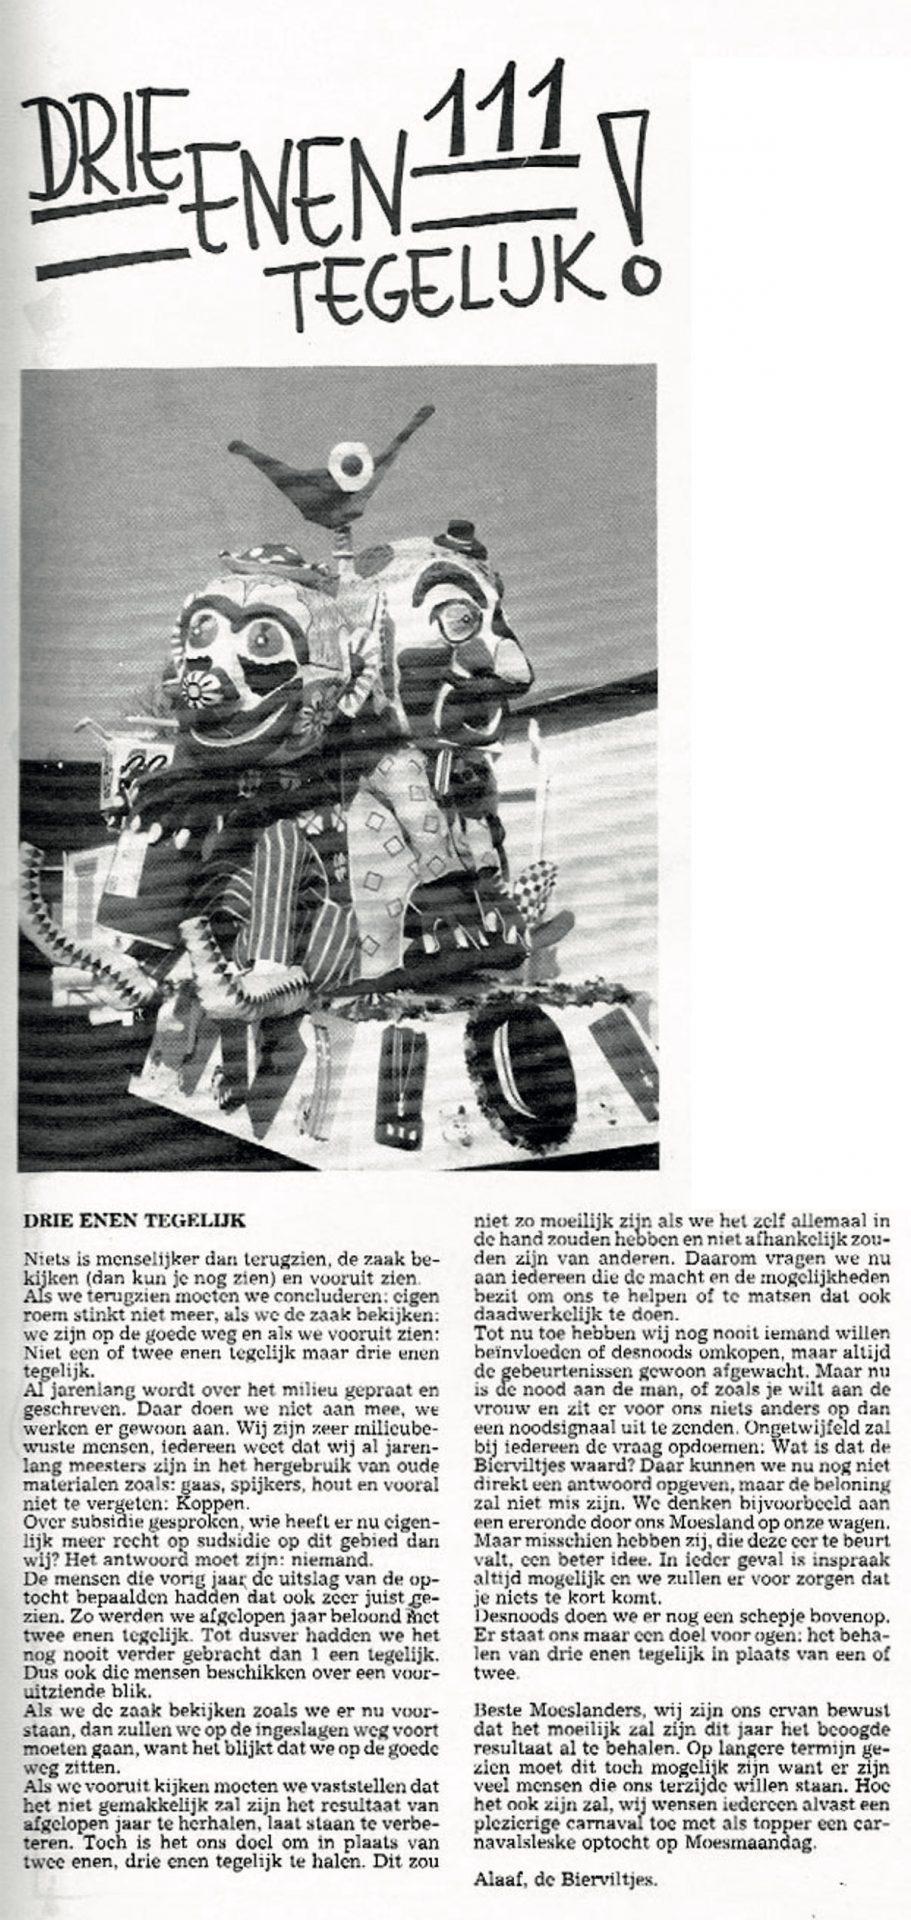 Stuk uit de carnavalskrant van de Bierviltjes - 1990